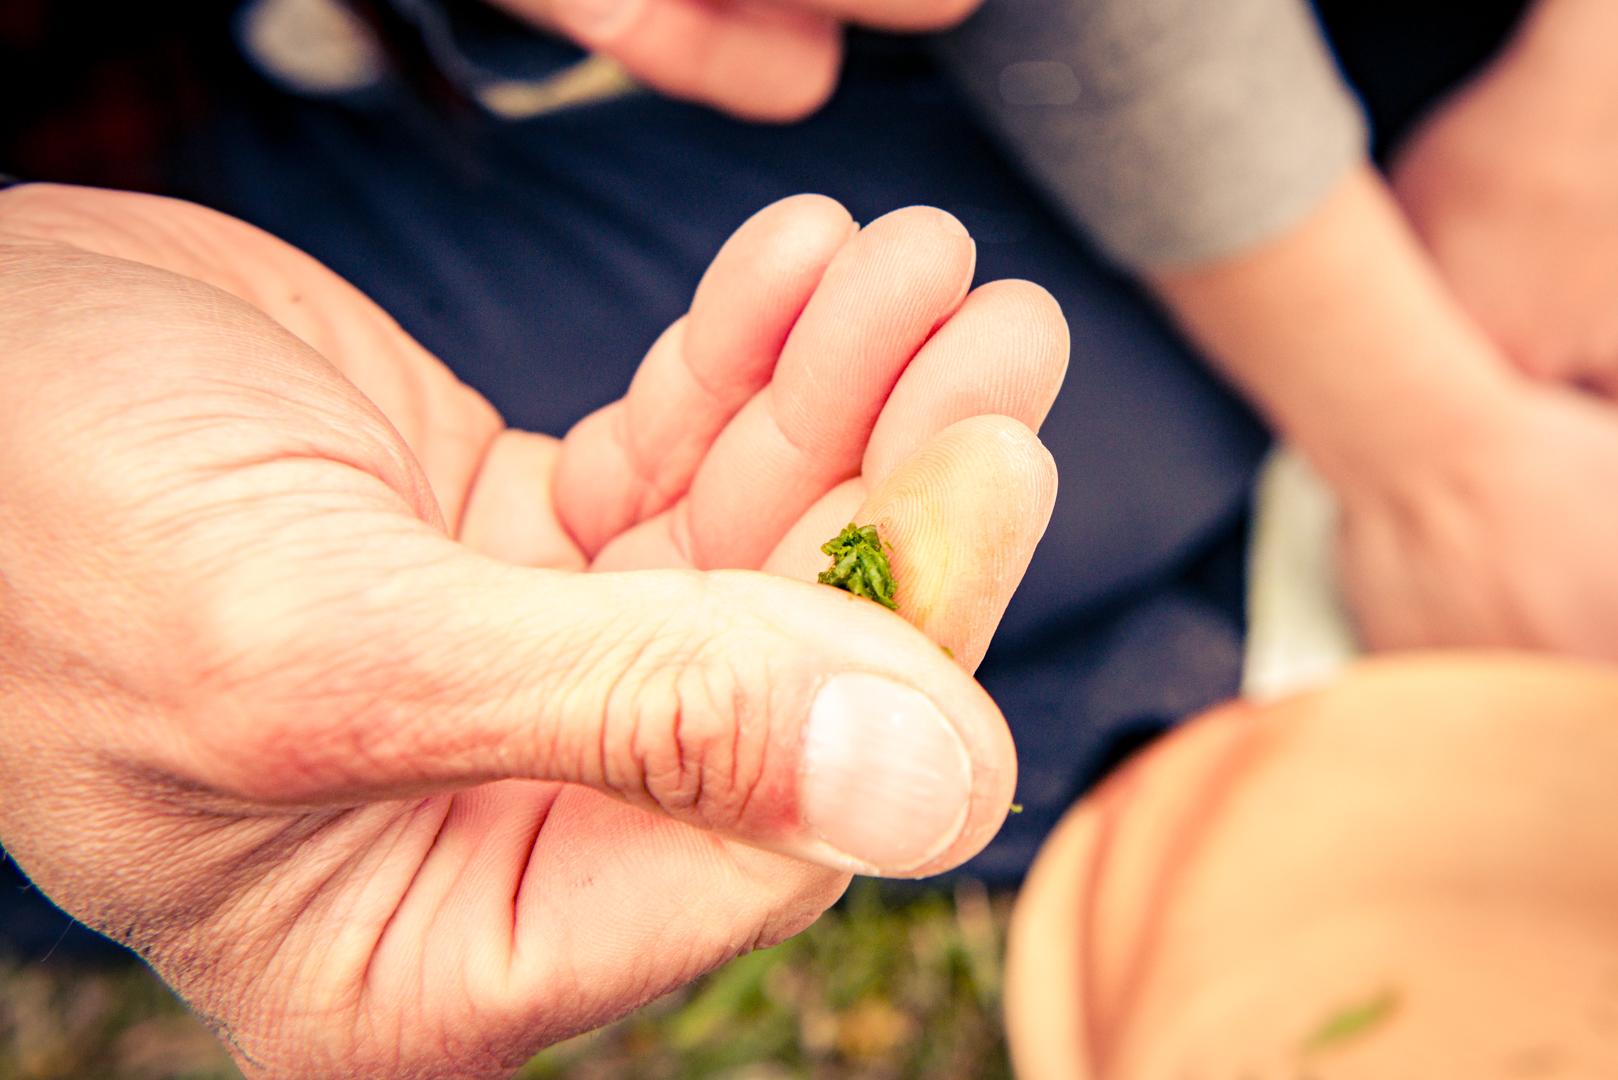 Spitzwegerich zerreiben und auf einen Insektenstich geben. © Edith Danzer